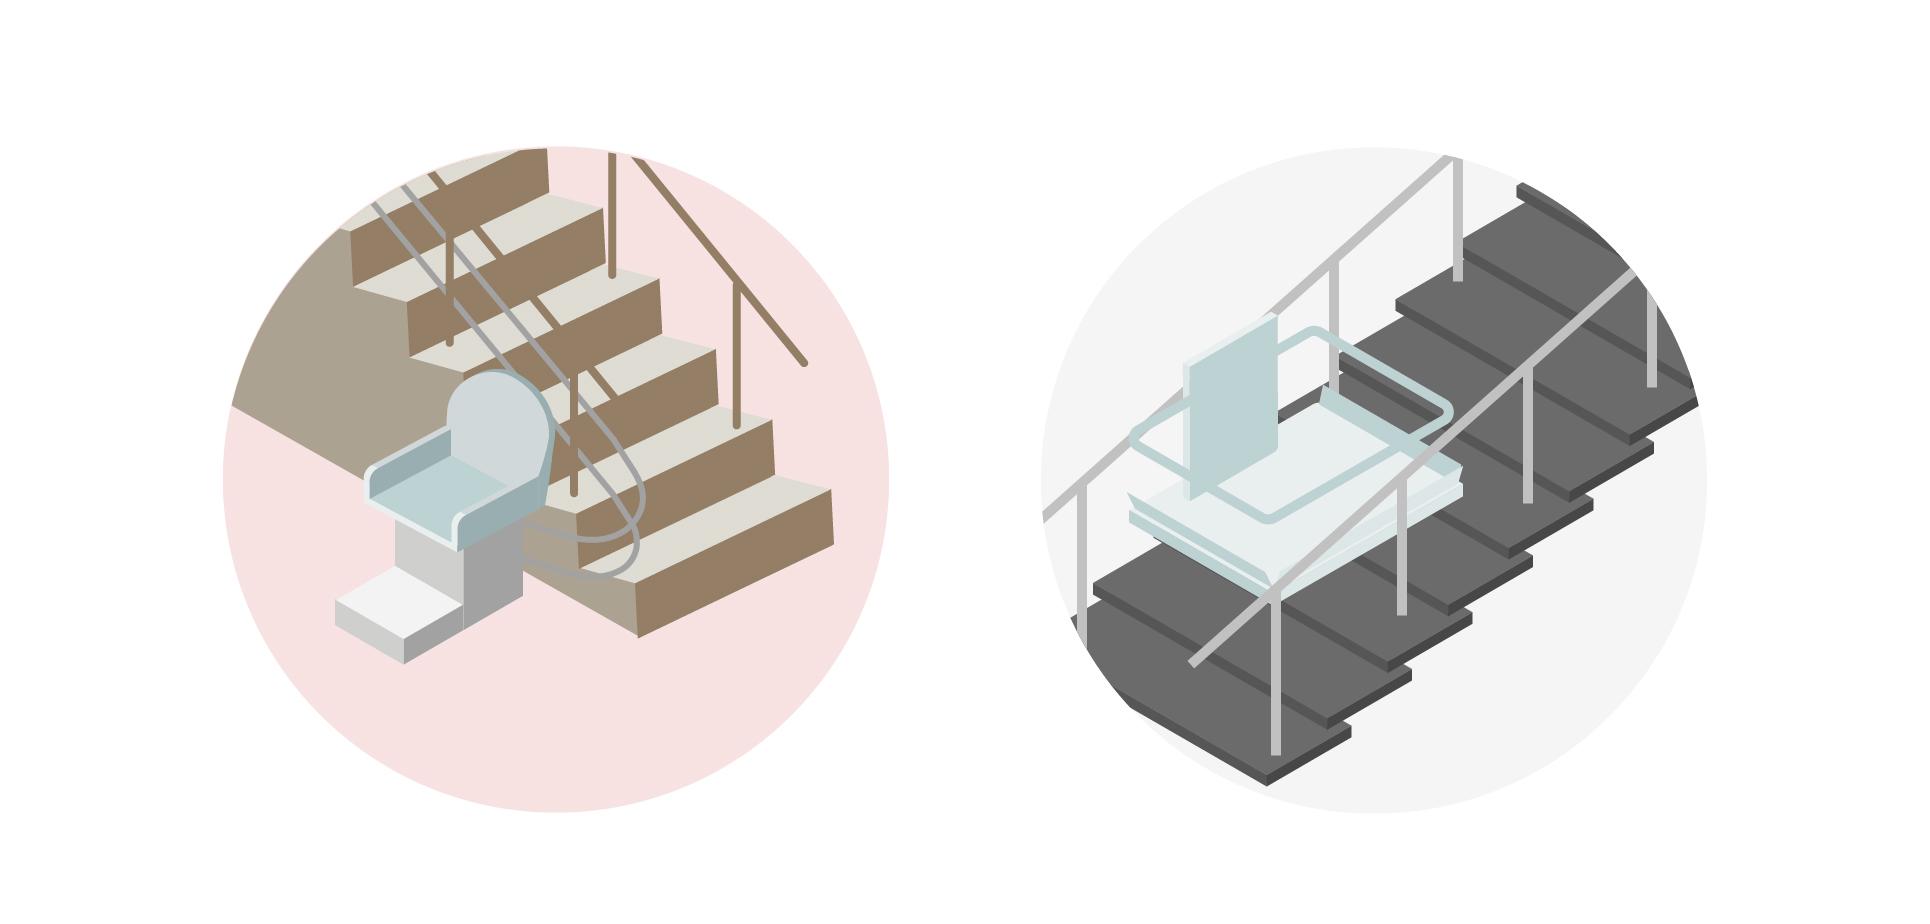 左側部分は階段昇降機のイメージ右側部分は車椅子用段差解消機のイメージ